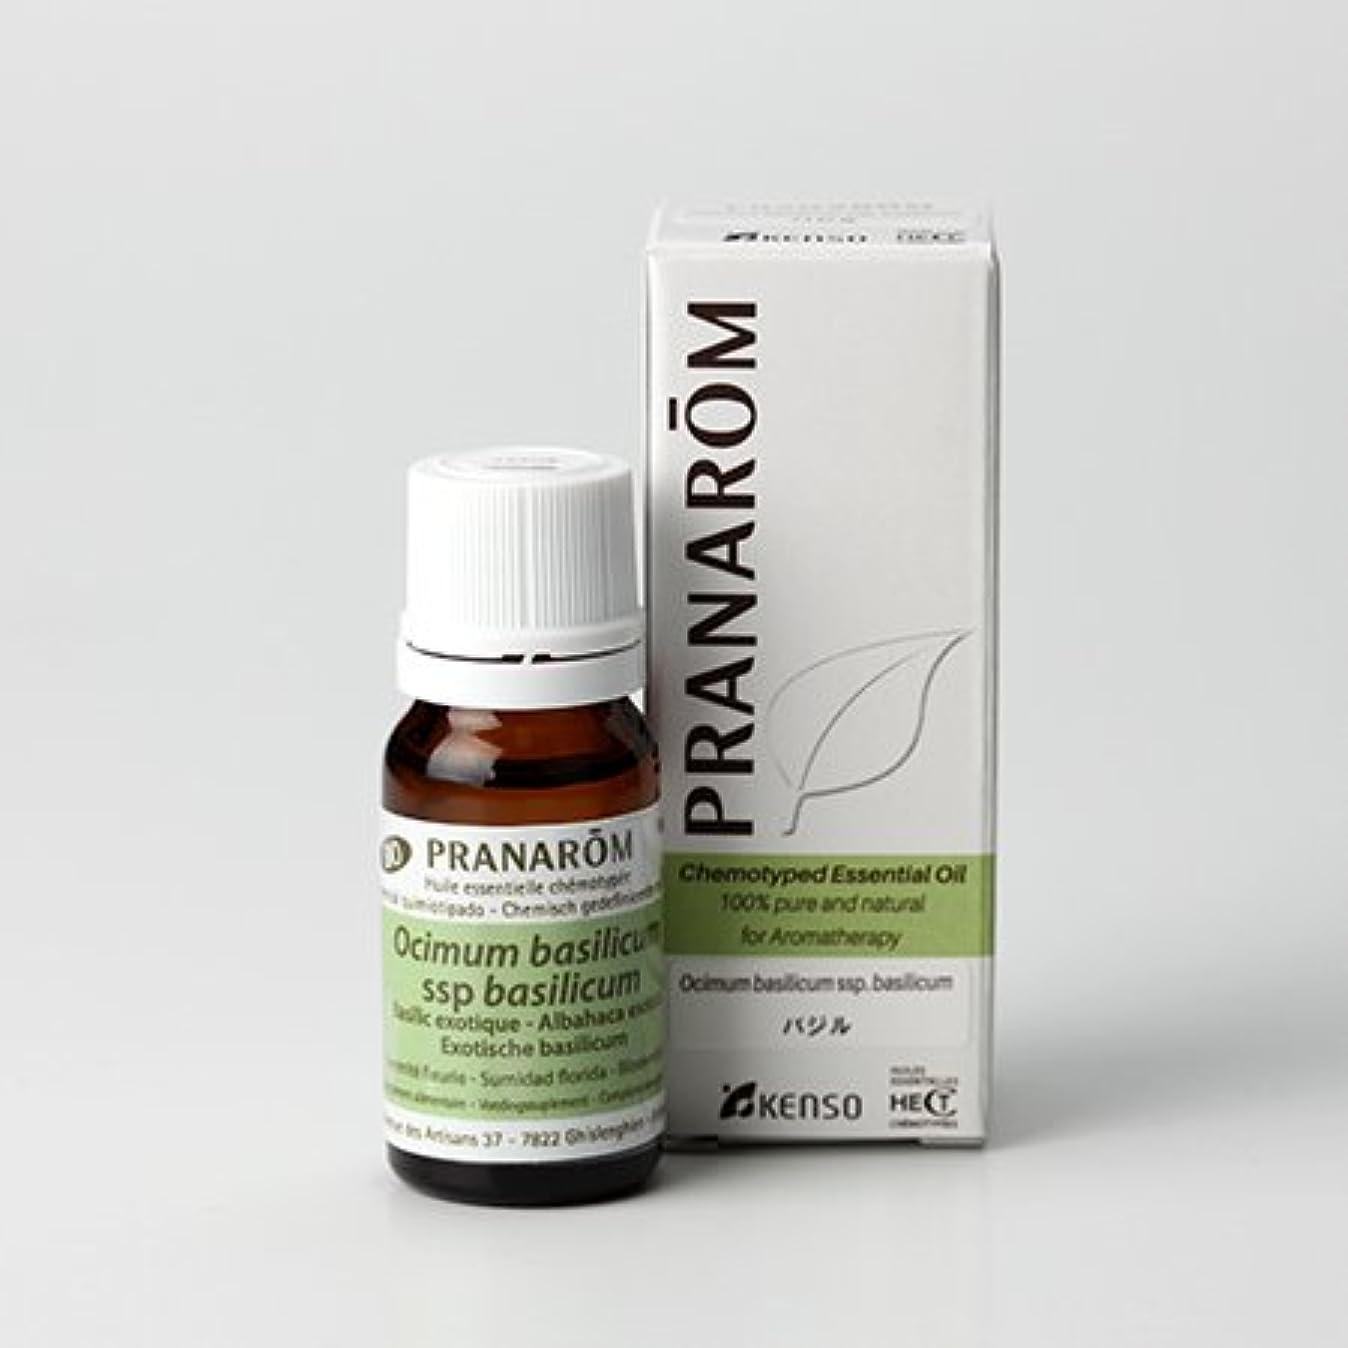 ポーチ下ピザプラナロム ( PRANAROM ) 精油 バジル 10ml p-128